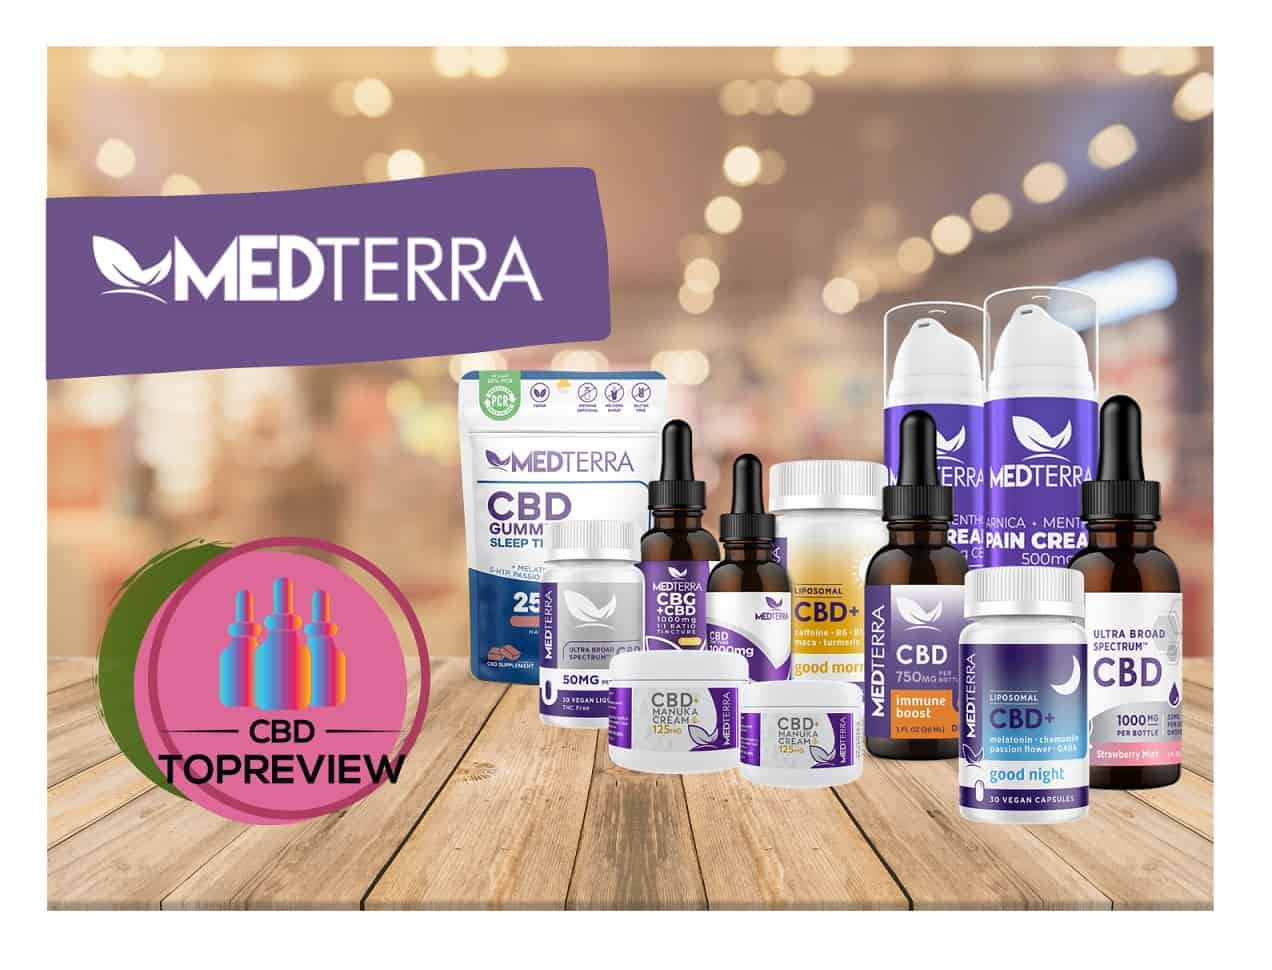 Medterra CBD Brand Review